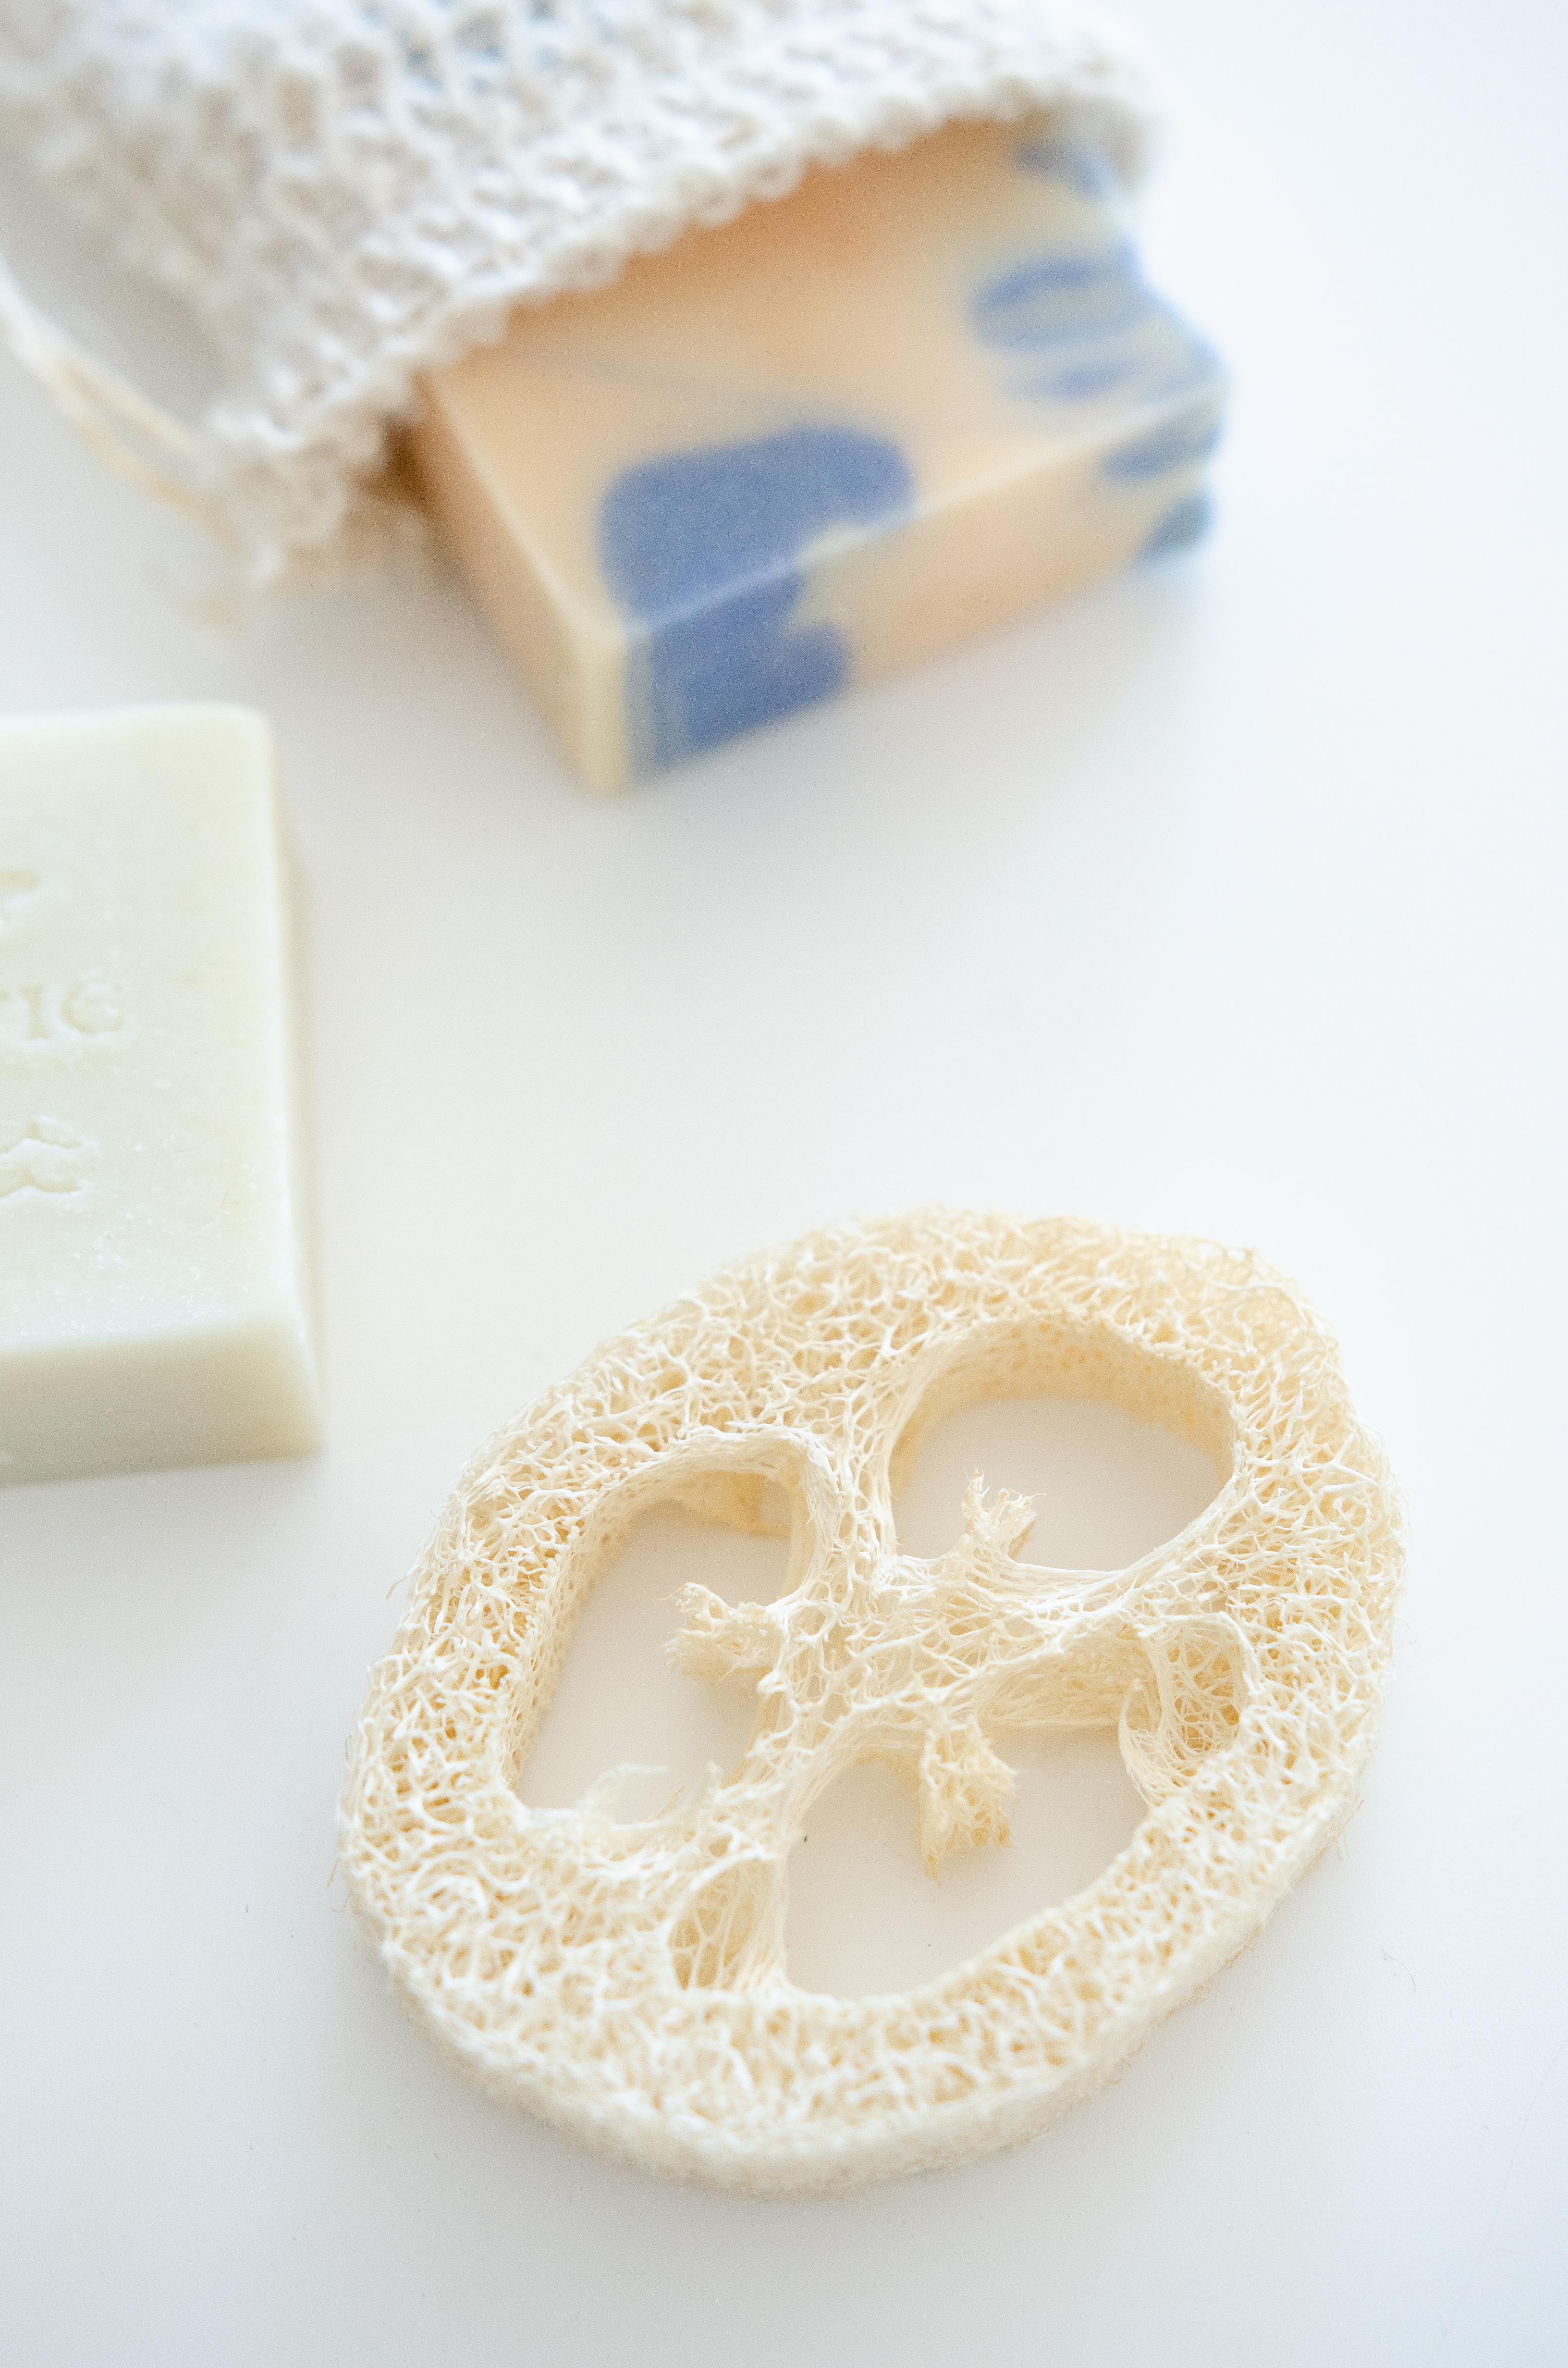 5 Schritte zum nachhaltigeren Badezimmer - mit Seifenstück und festem Shampoo.